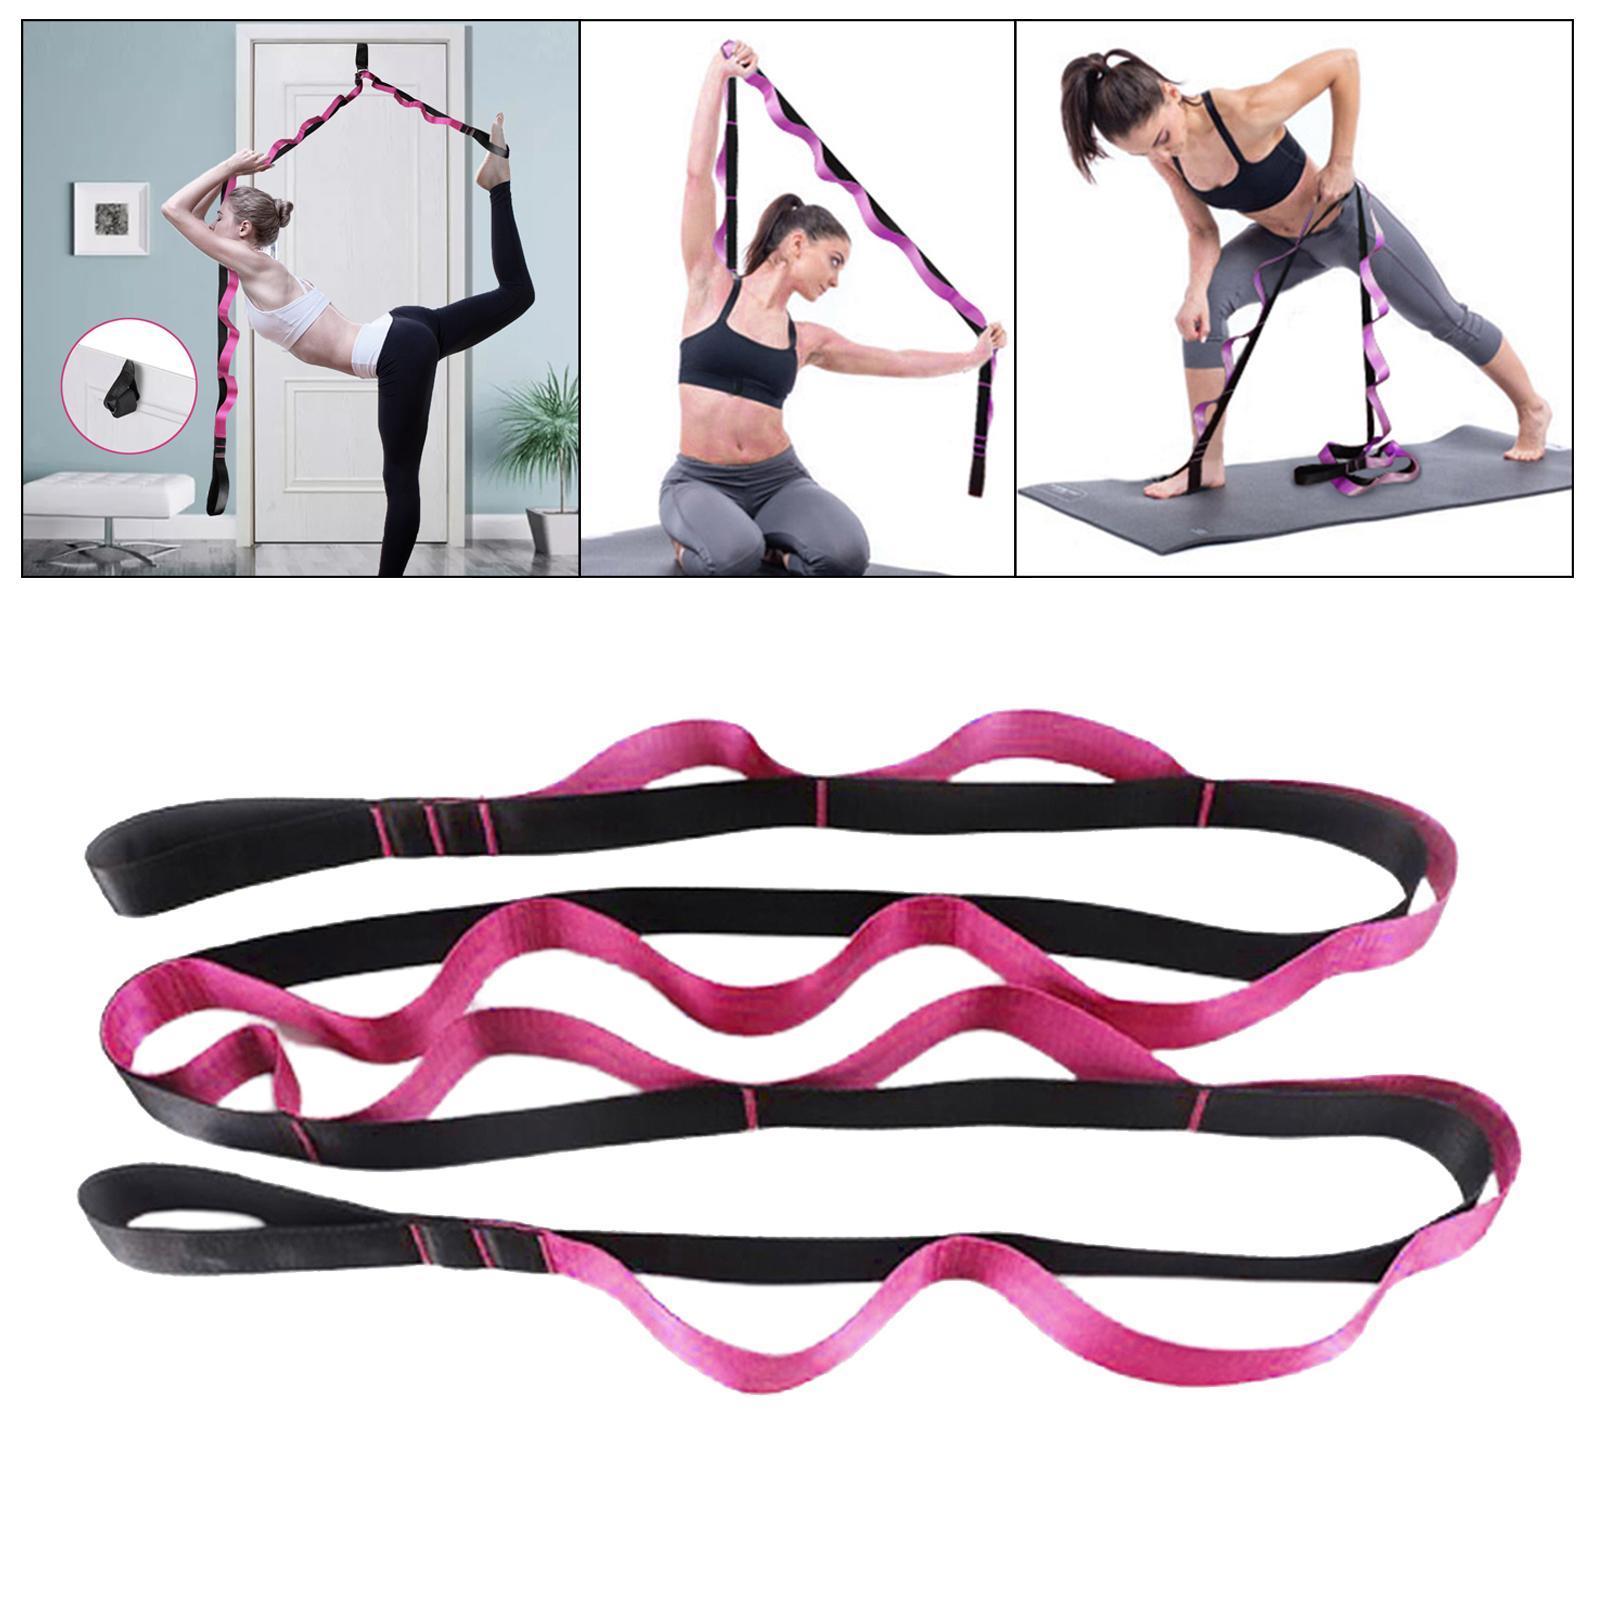 miniatura 31 - Pierna camilla yoga Stretch Strap Latin Dance Gymnastic pull cinturón flexibilidad